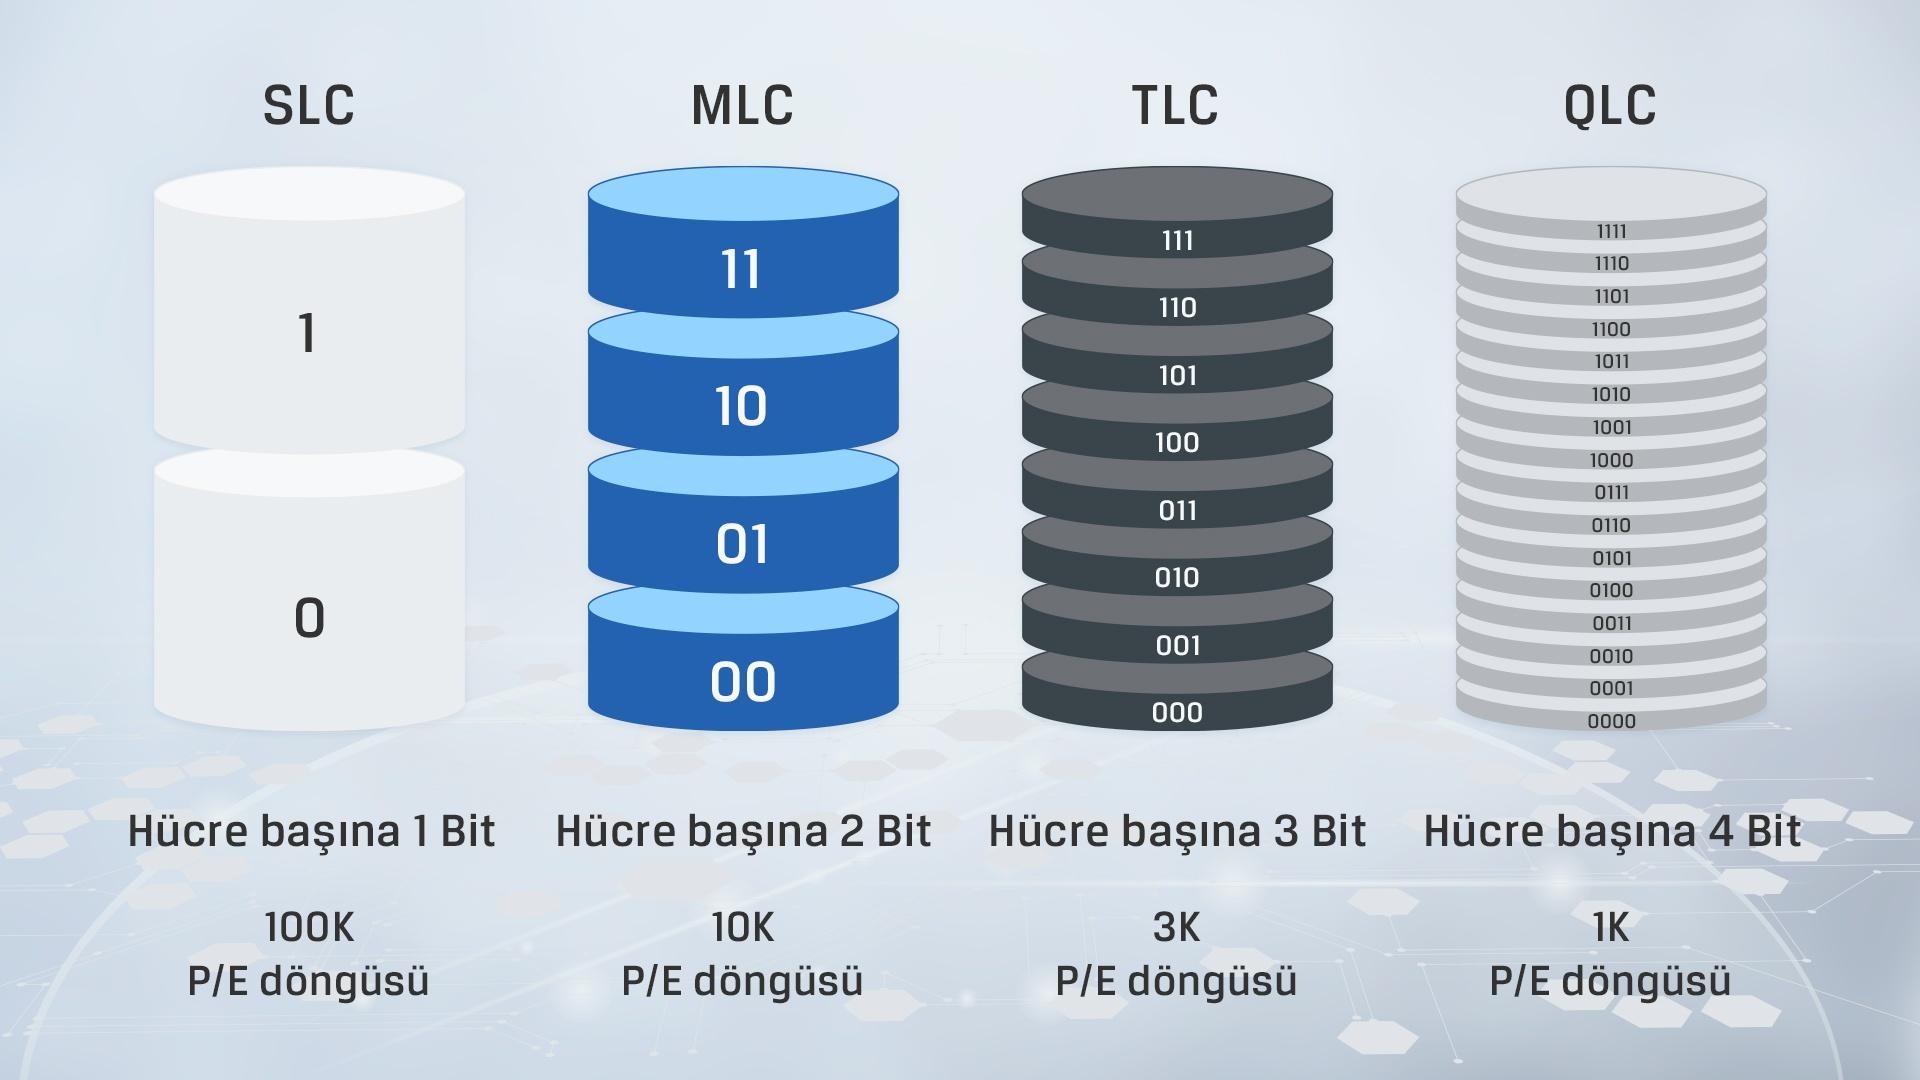 farklı NAND türleri arasındaki ana farkları gösteren bir bilgilendirici grafik